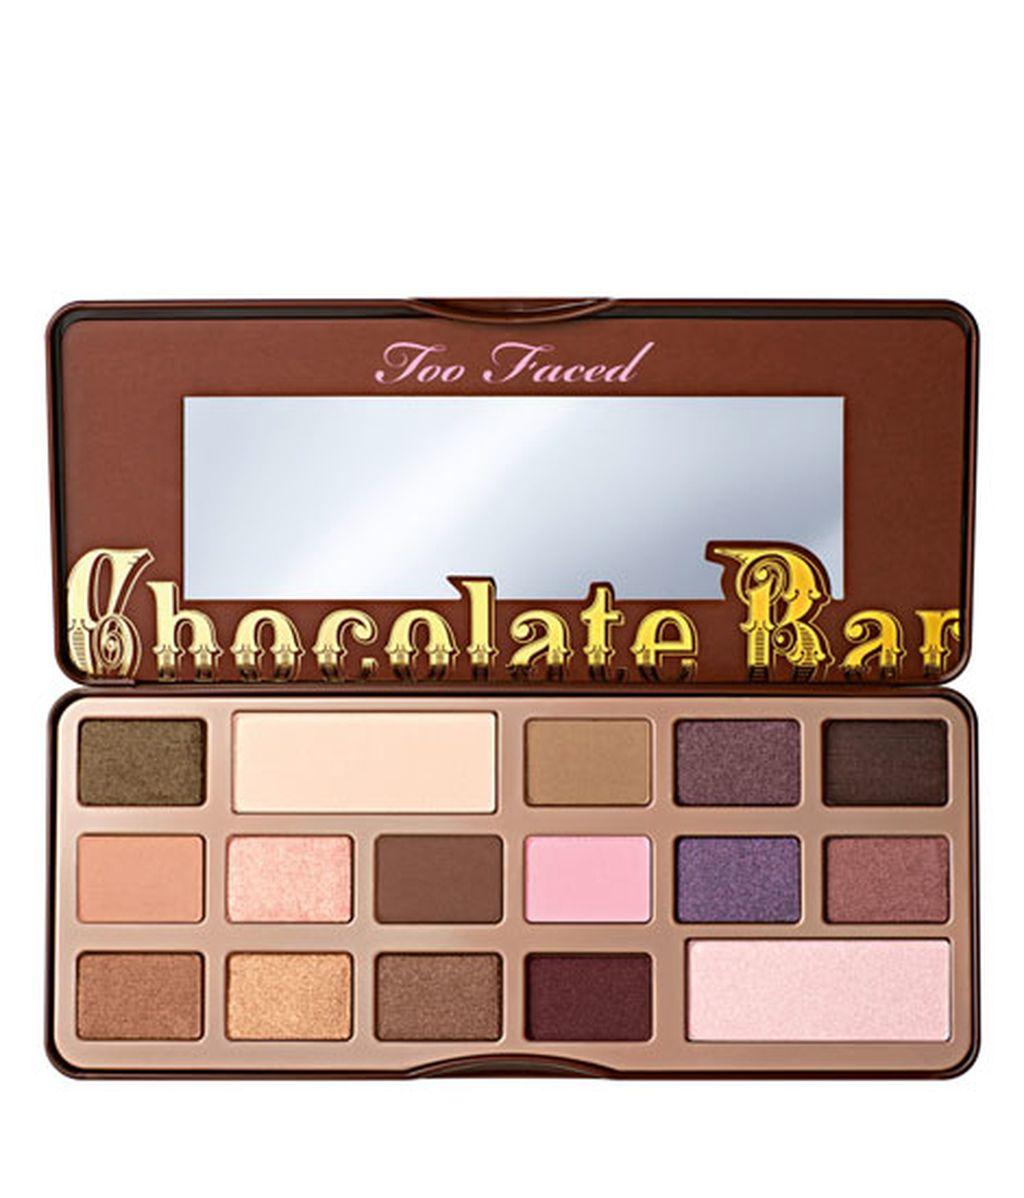 Bienvenida al 'Chocolate Bar'